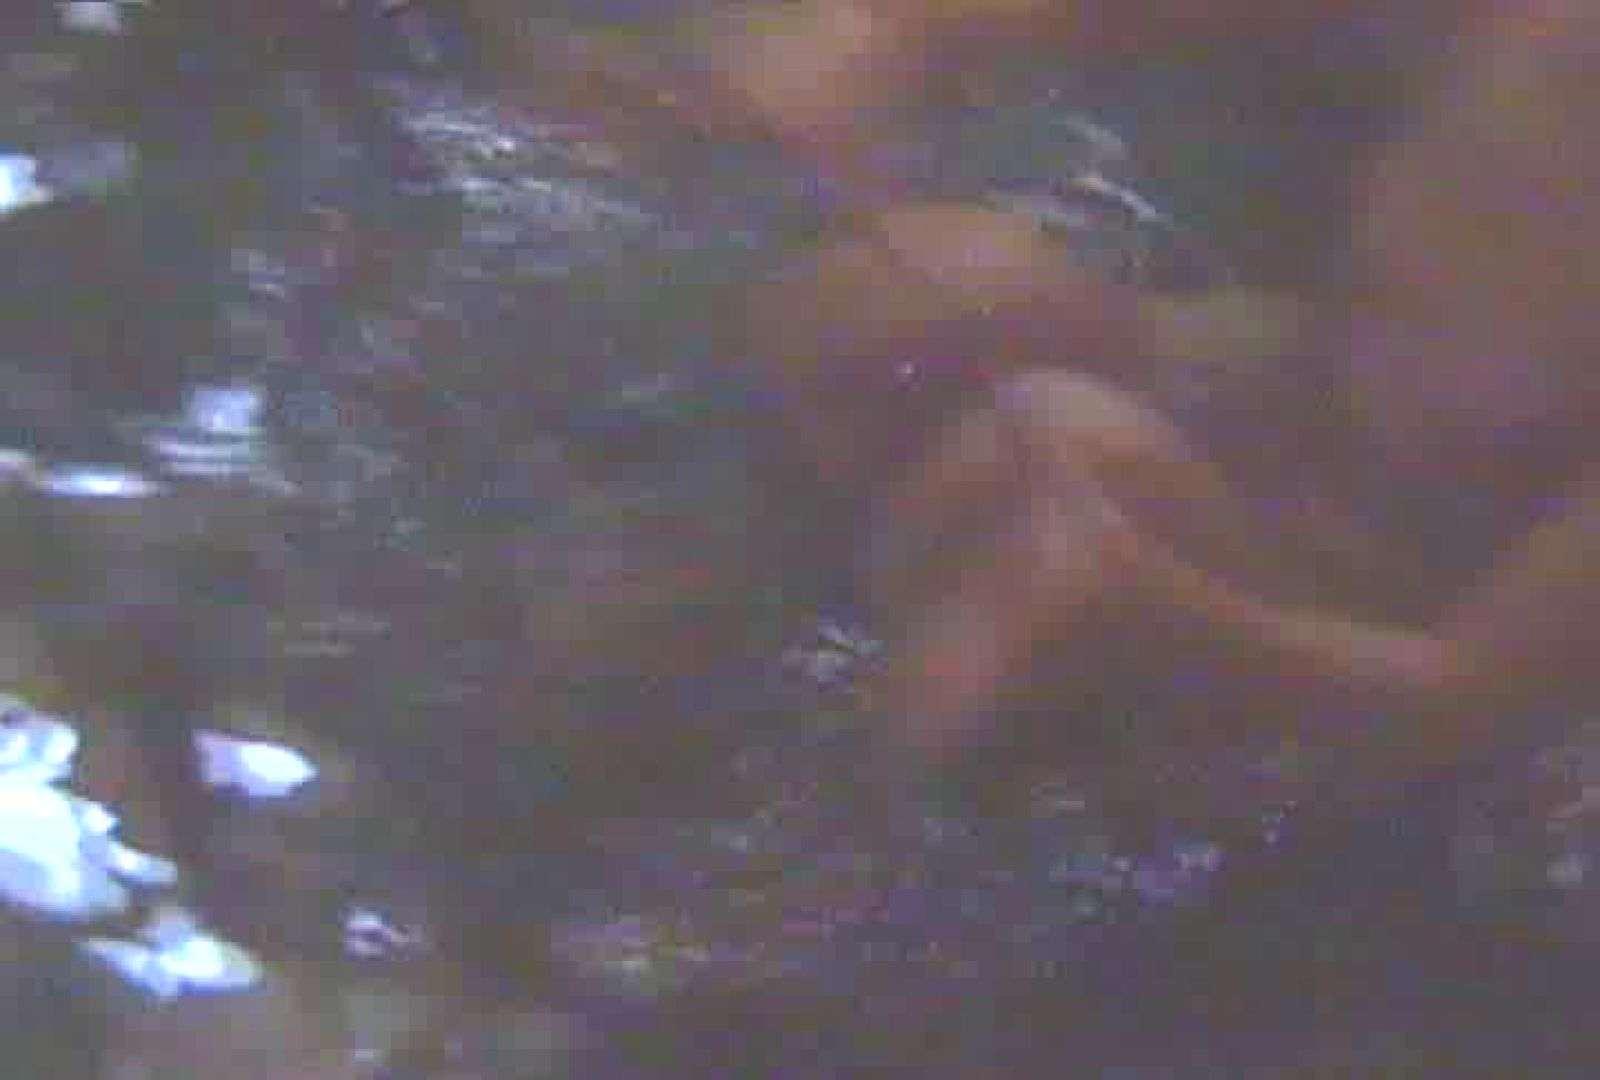 素人投稿シリーズ 盗撮 覗きの穴場 大浴場編 Vol.3 OLセックス 隠し撮りオマンコ動画紹介 66画像 14